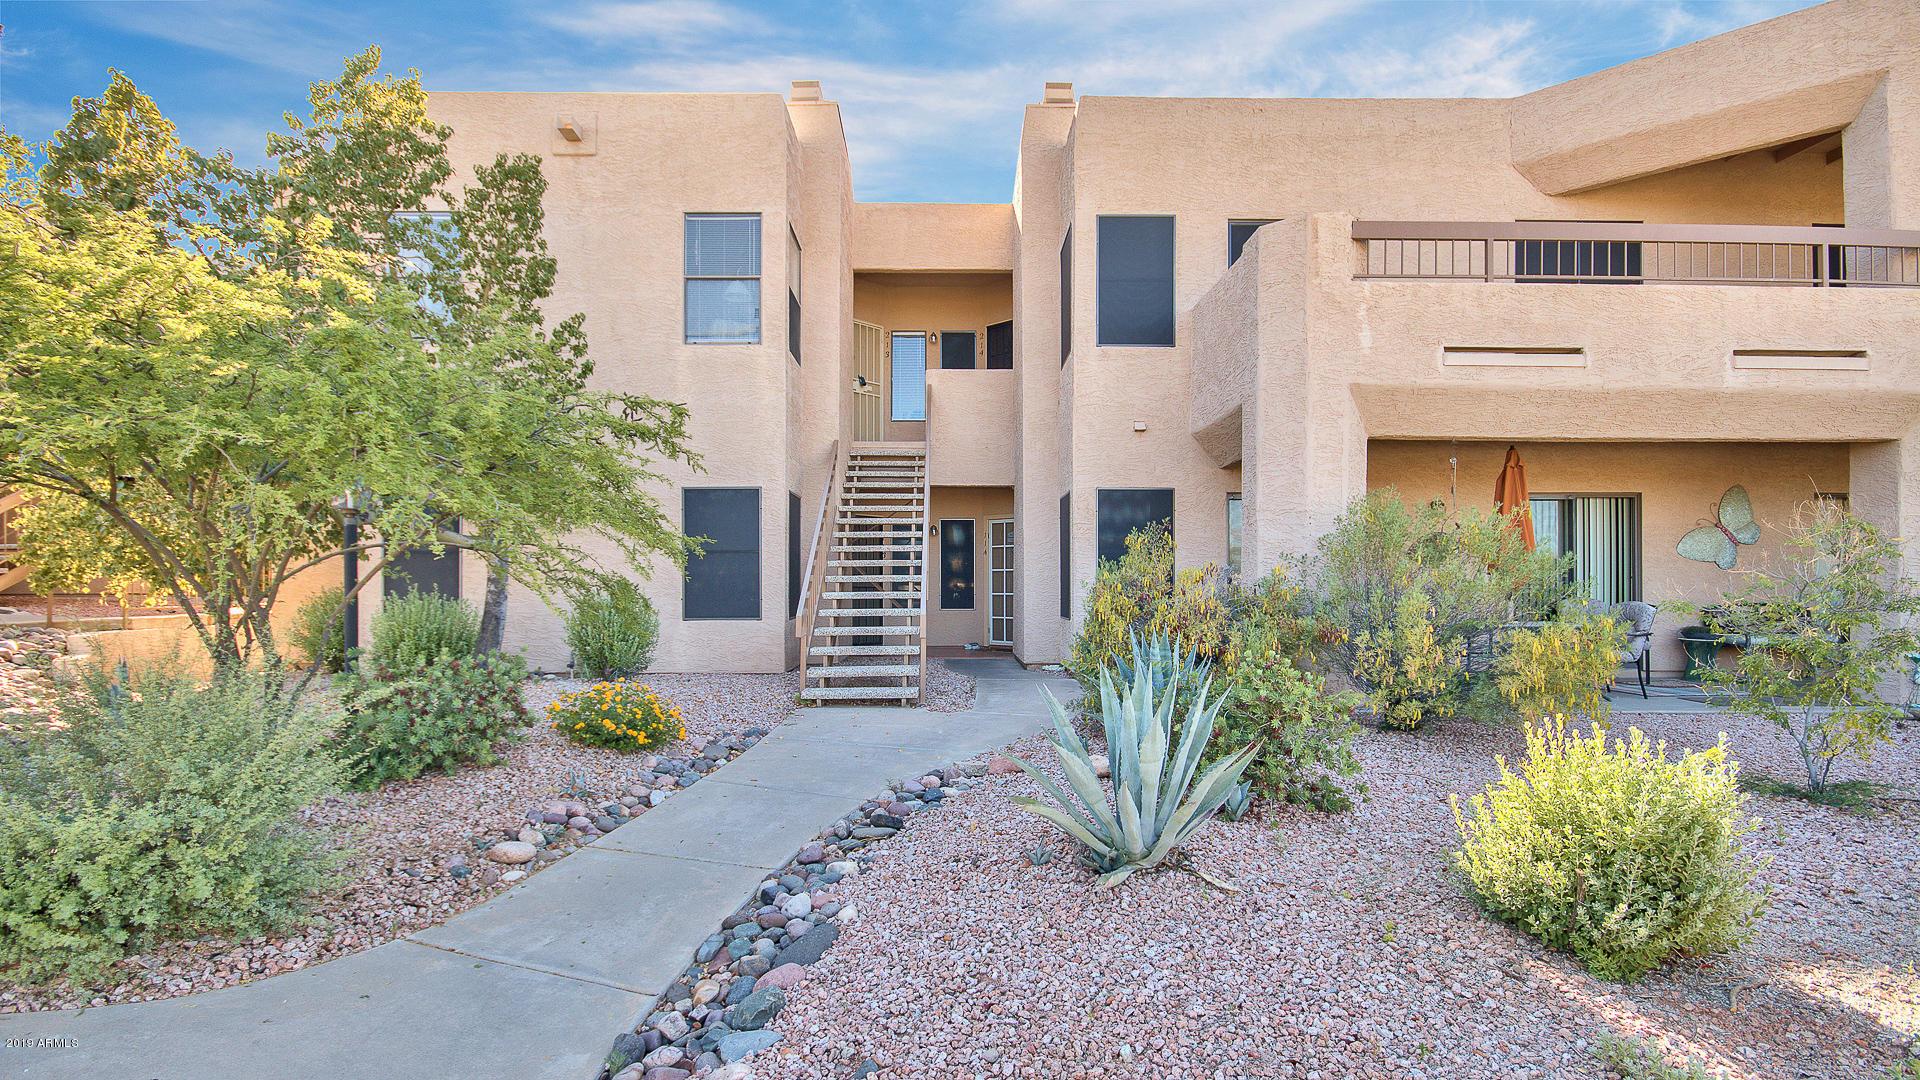 Photo of 14645 N Fountain Hills Boulevard #213, Fountain Hills, AZ 85268